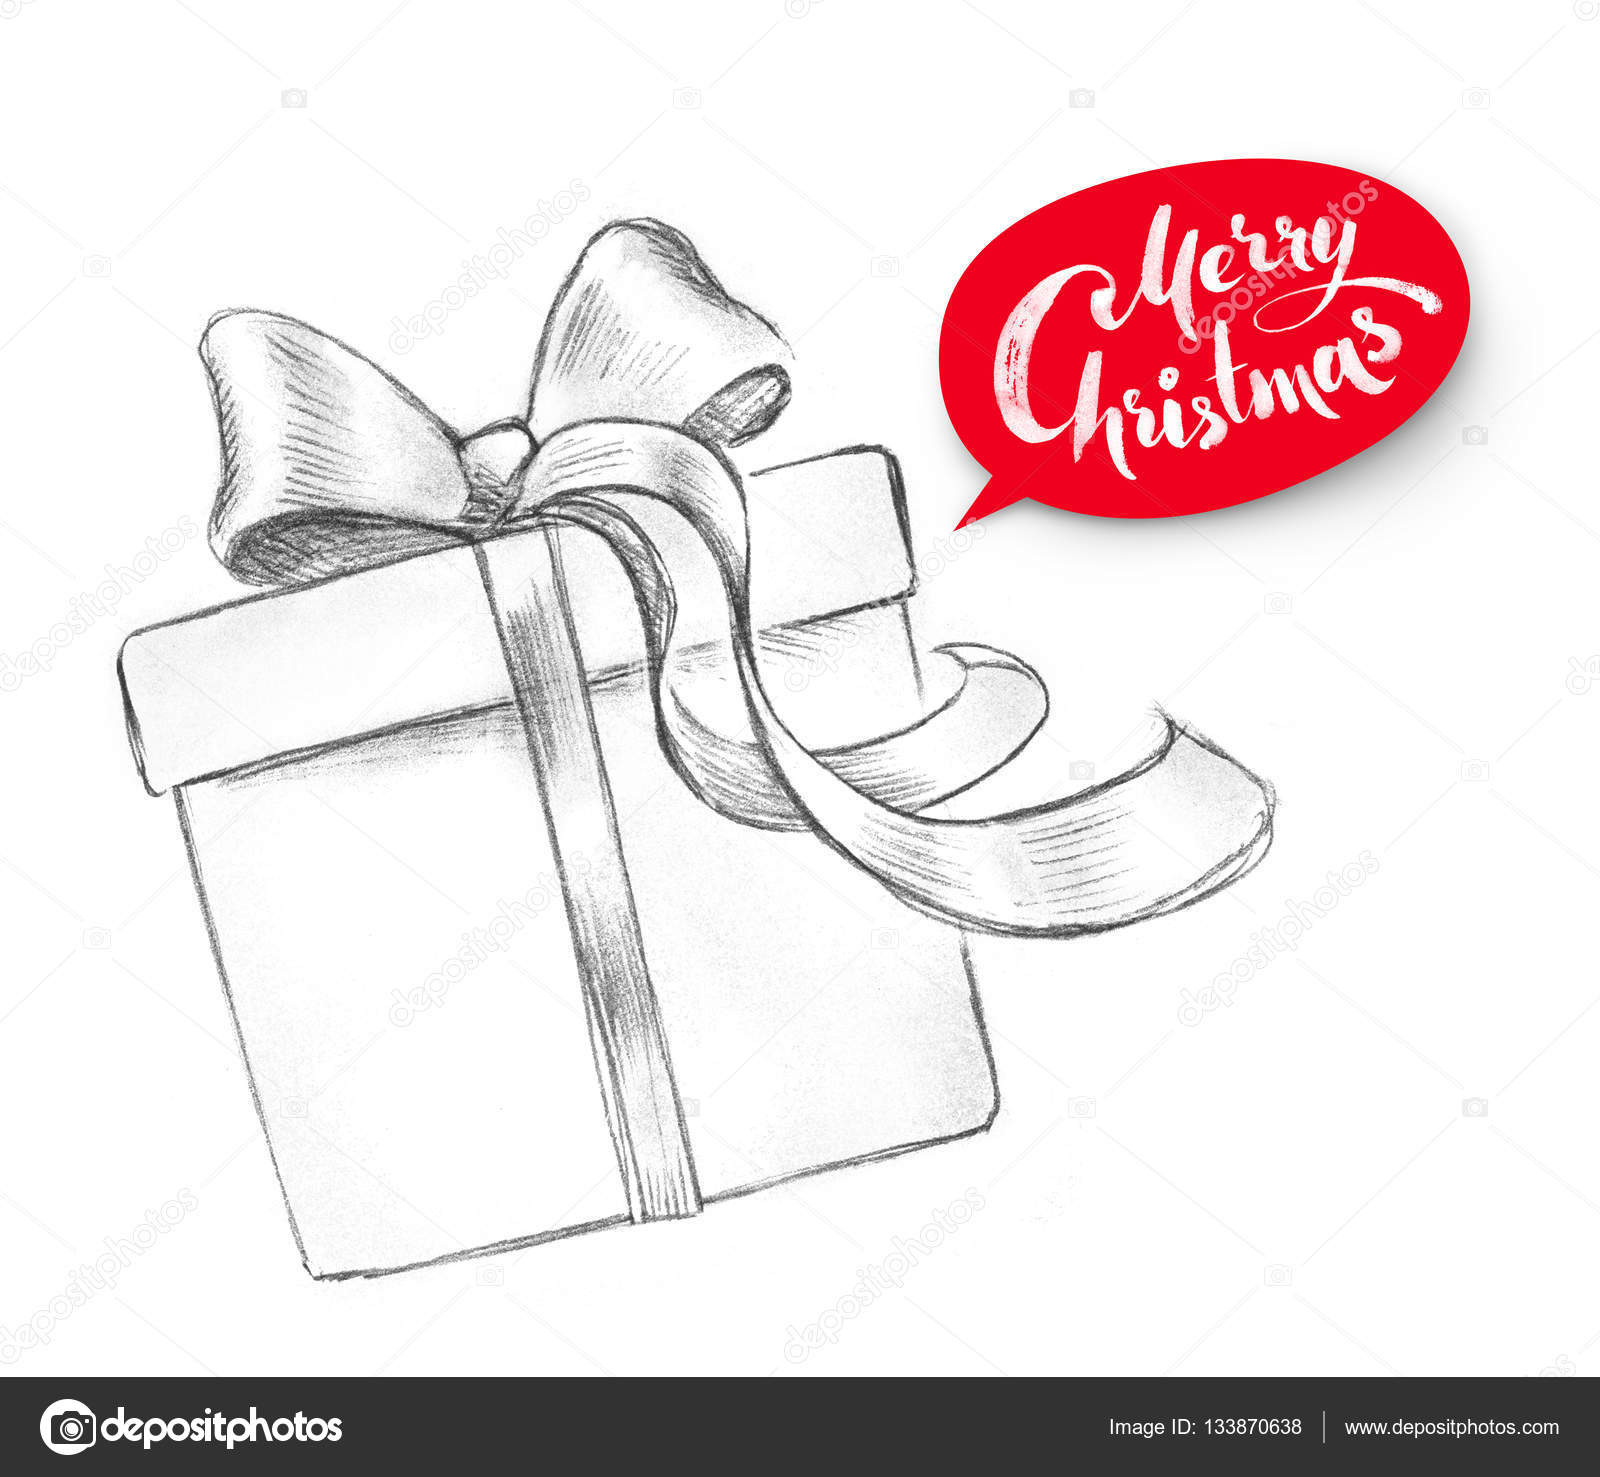 Подарок нарисованный карандашом фото